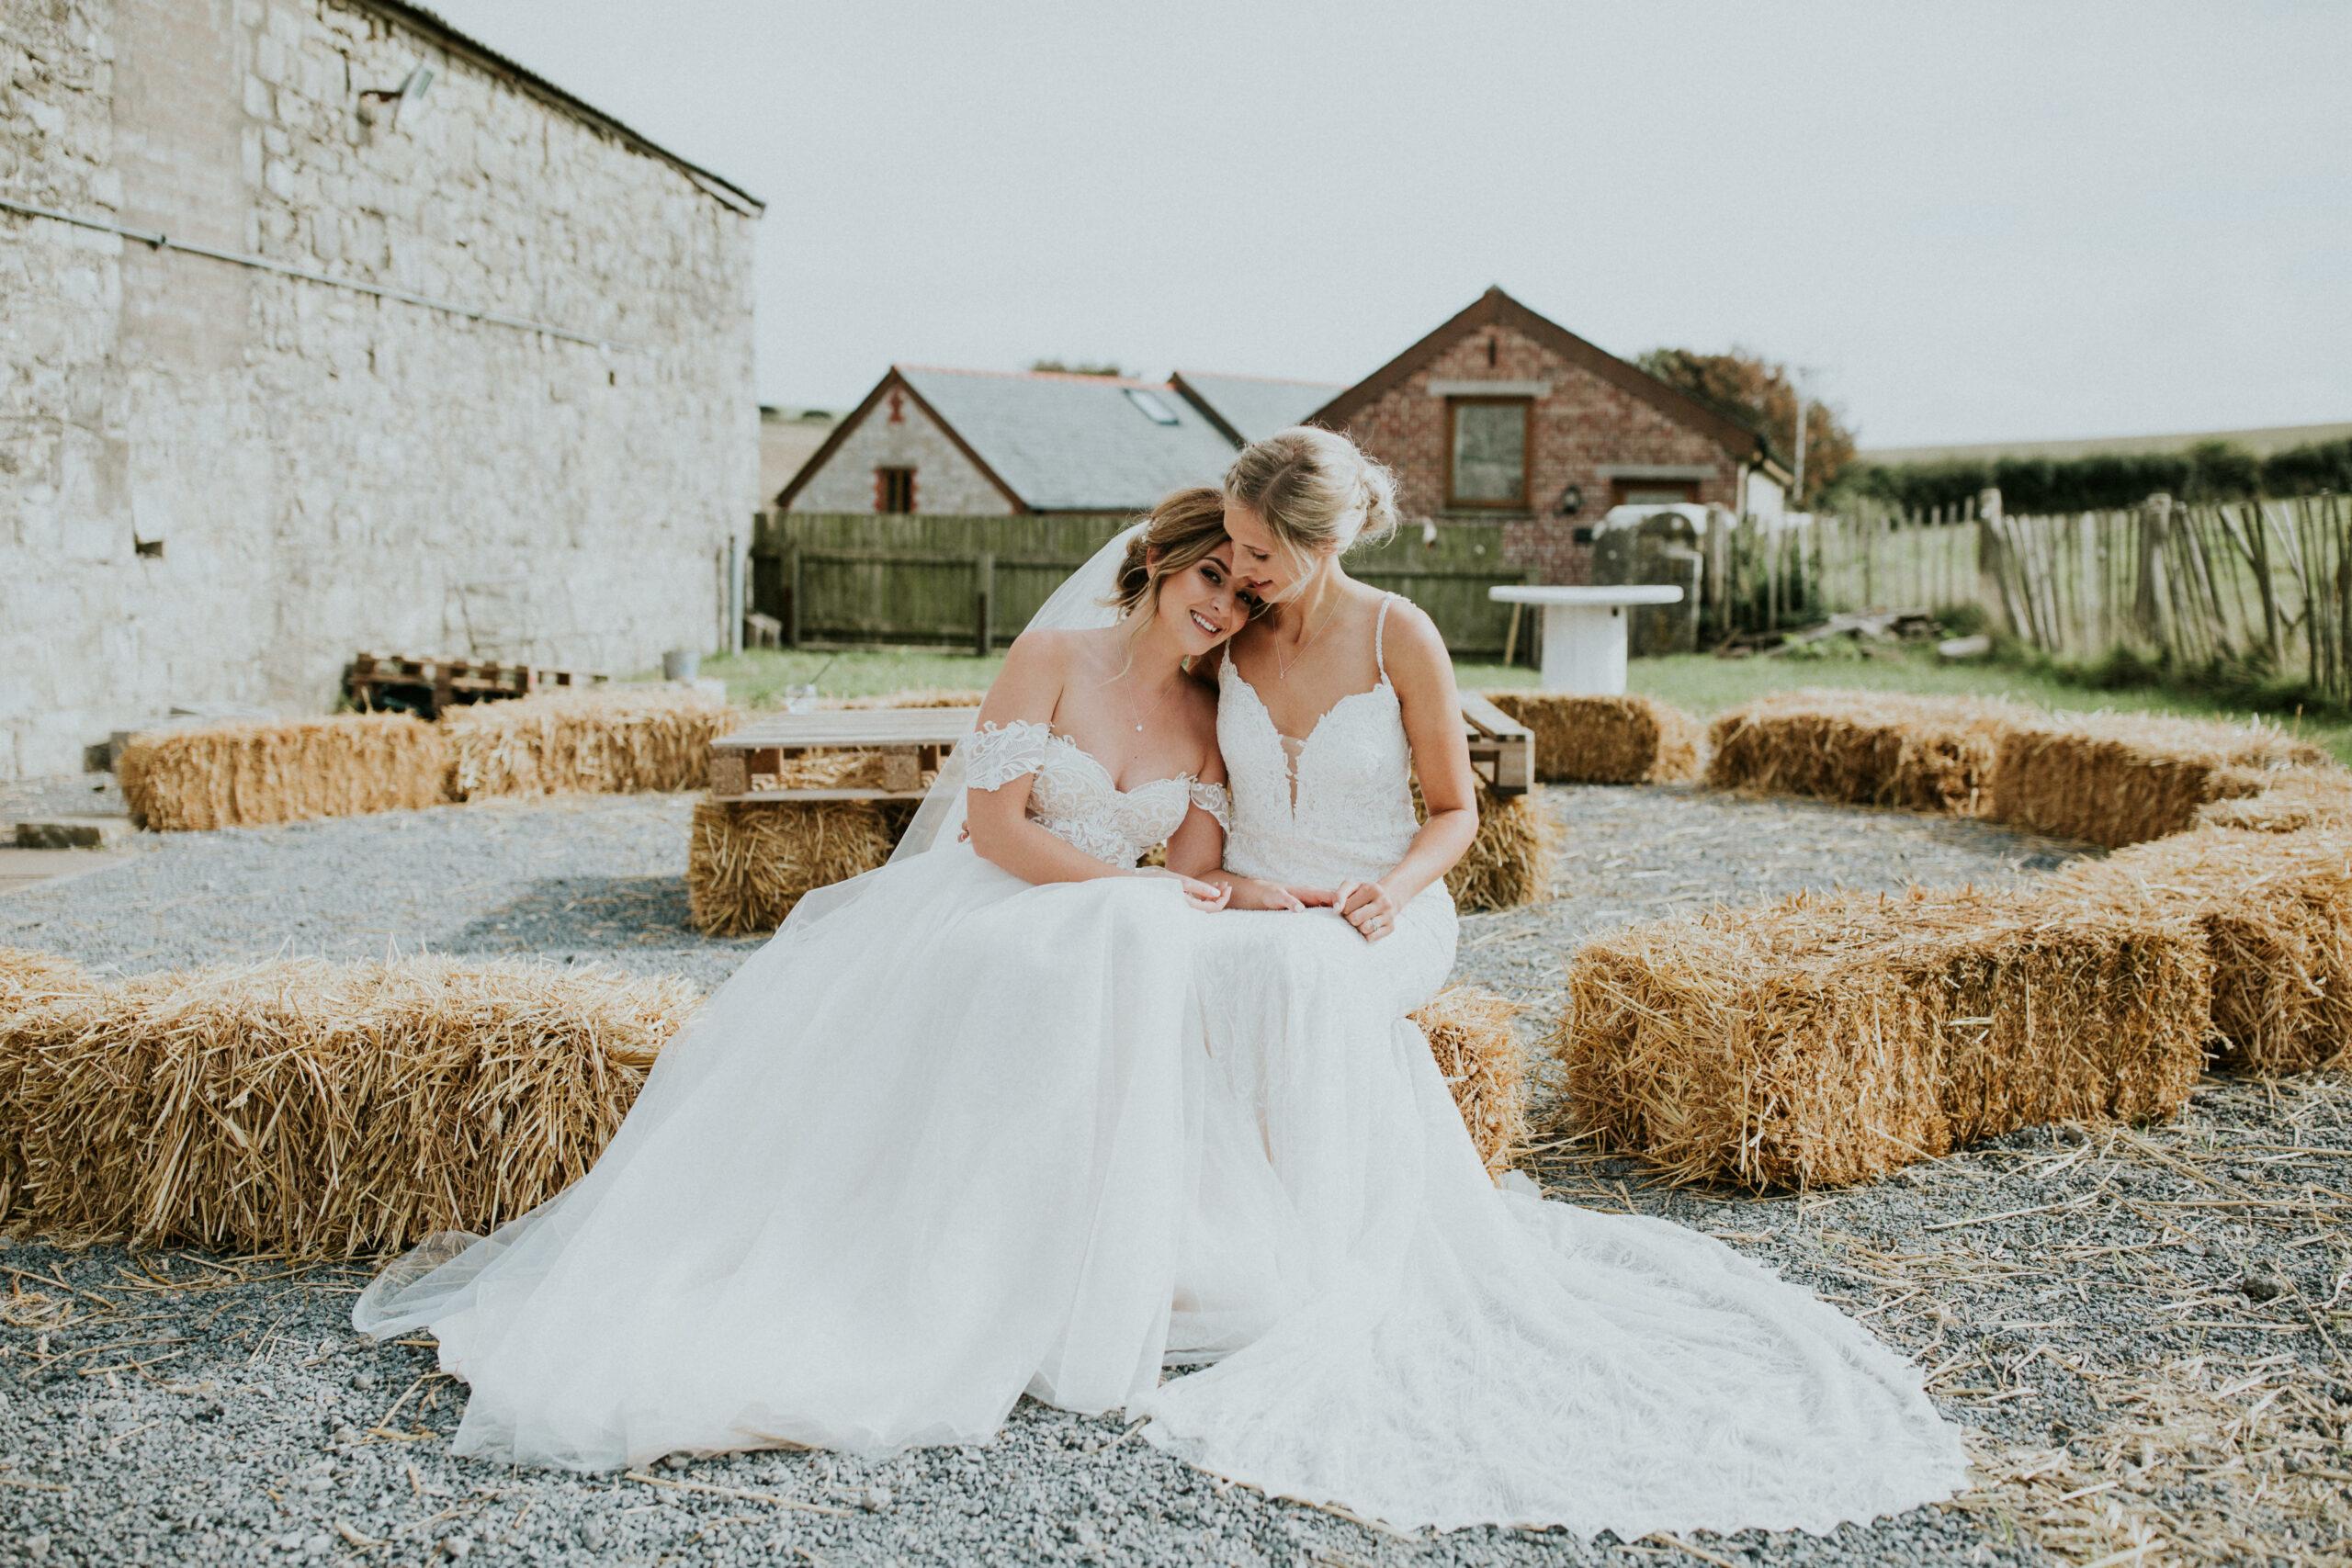 brides sitting on hay cuddling